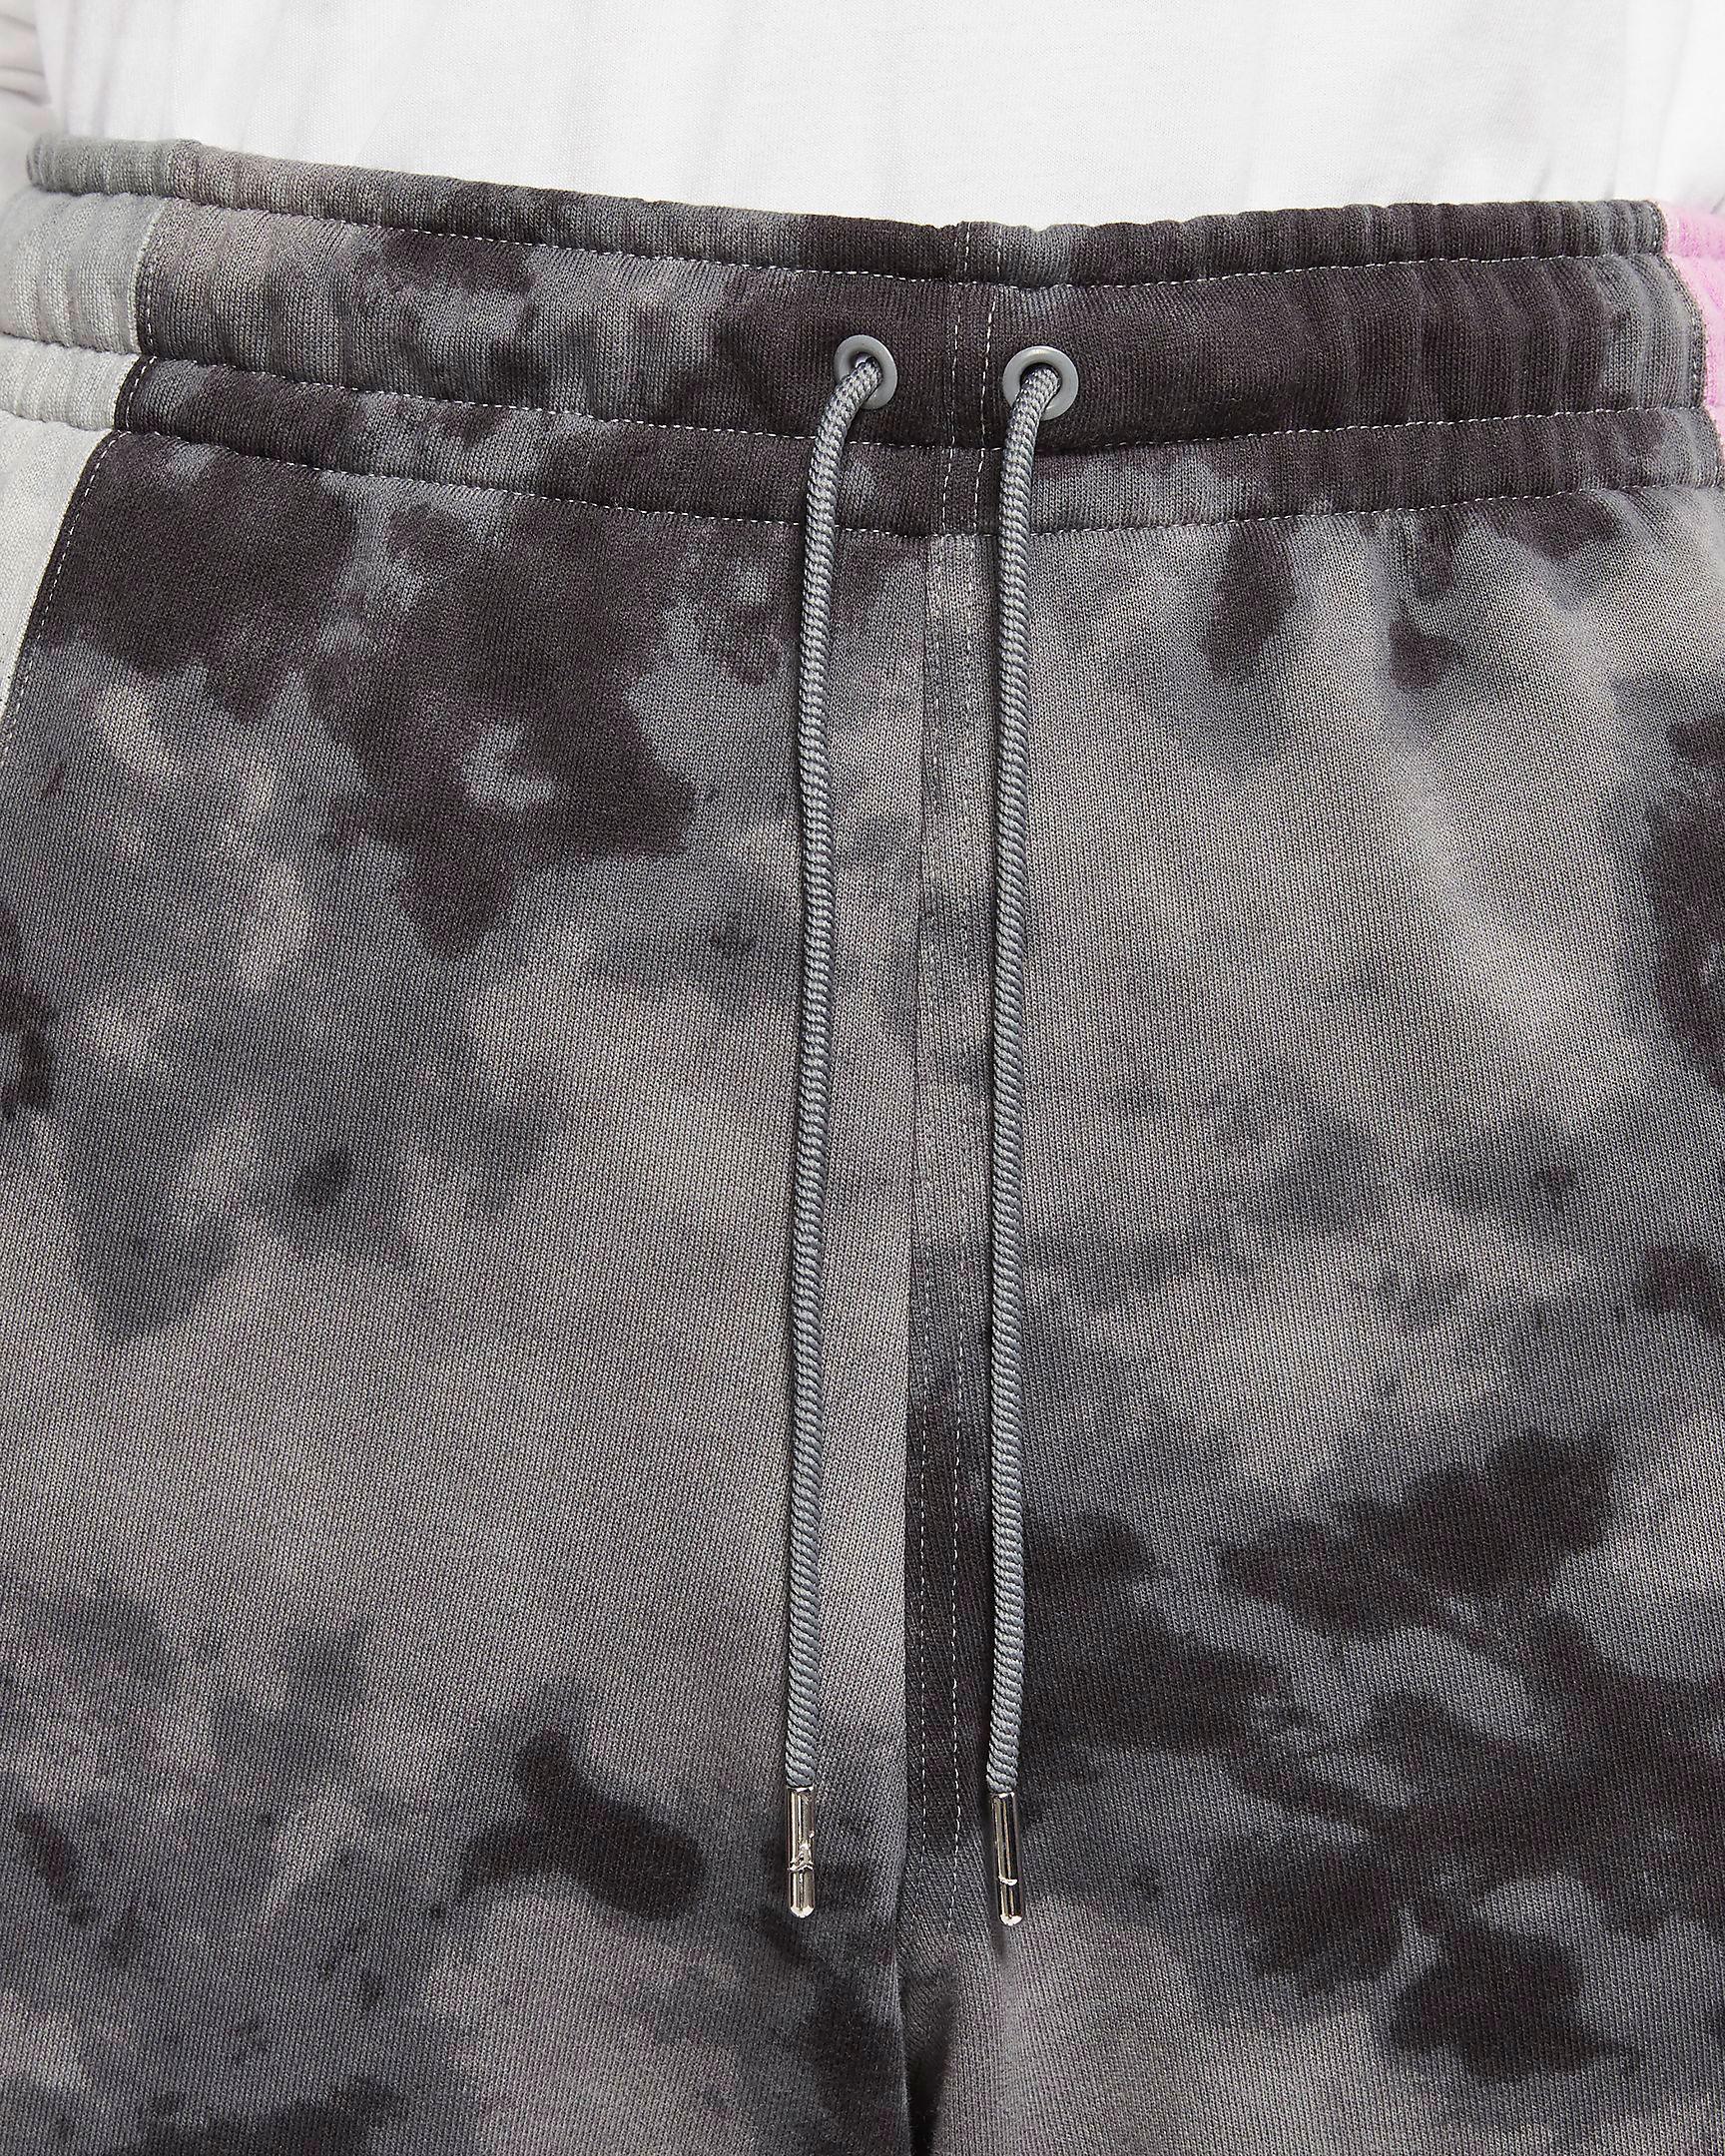 jordn-sport-dna-vintage-shorts-black-grey-purple-6